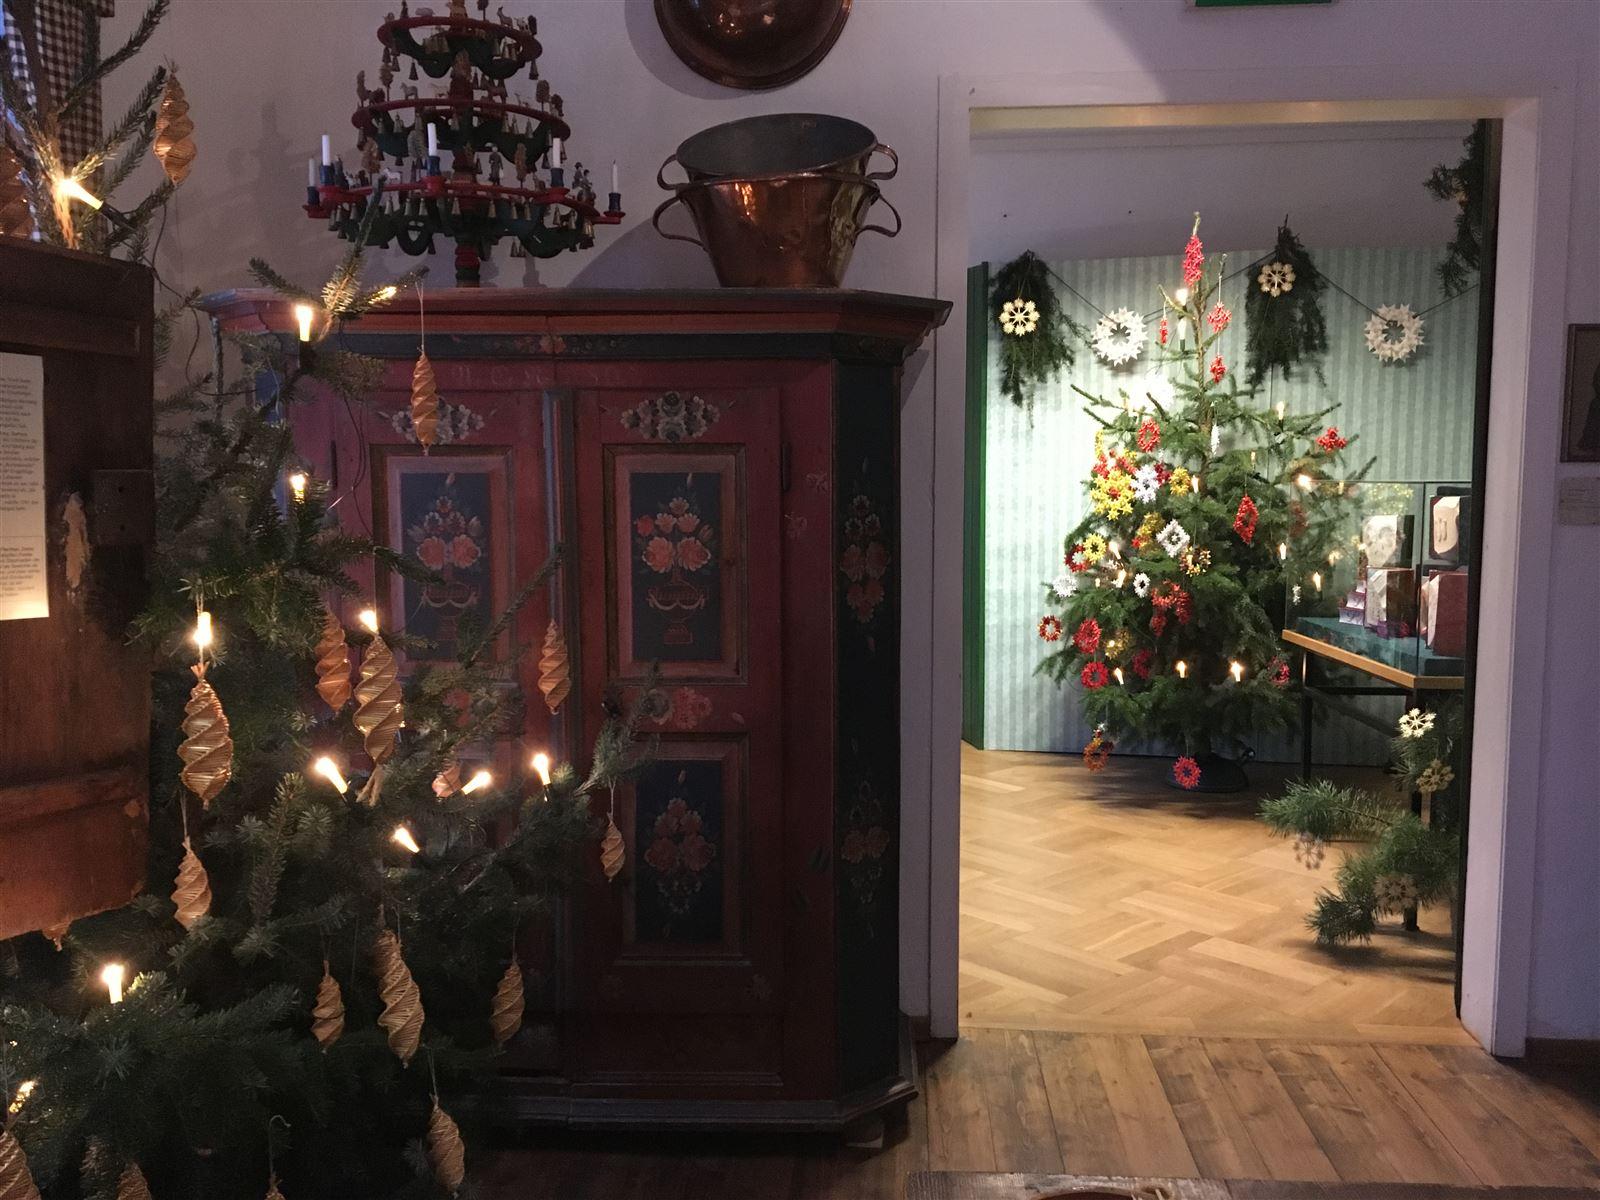 Ausflugstipp für Familien - Weihnachtsausstellung in Rodewisch / Sachsen / Vogtland